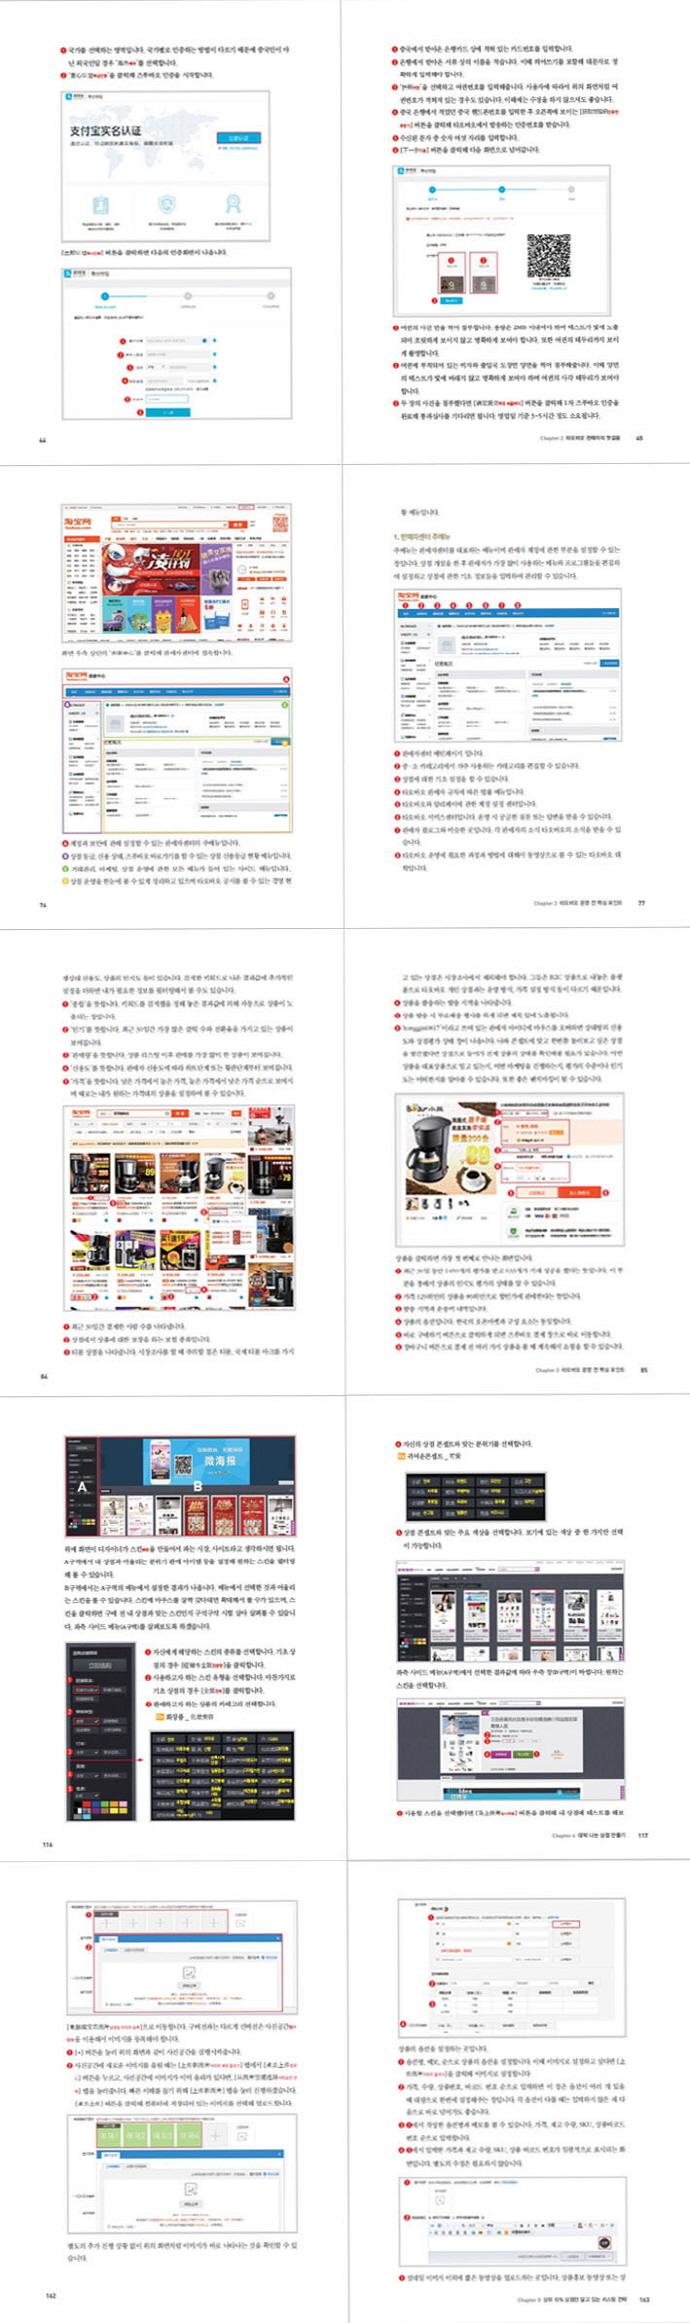 타오바오 창업&운영 가이드(친절한) 도서 상세이미지